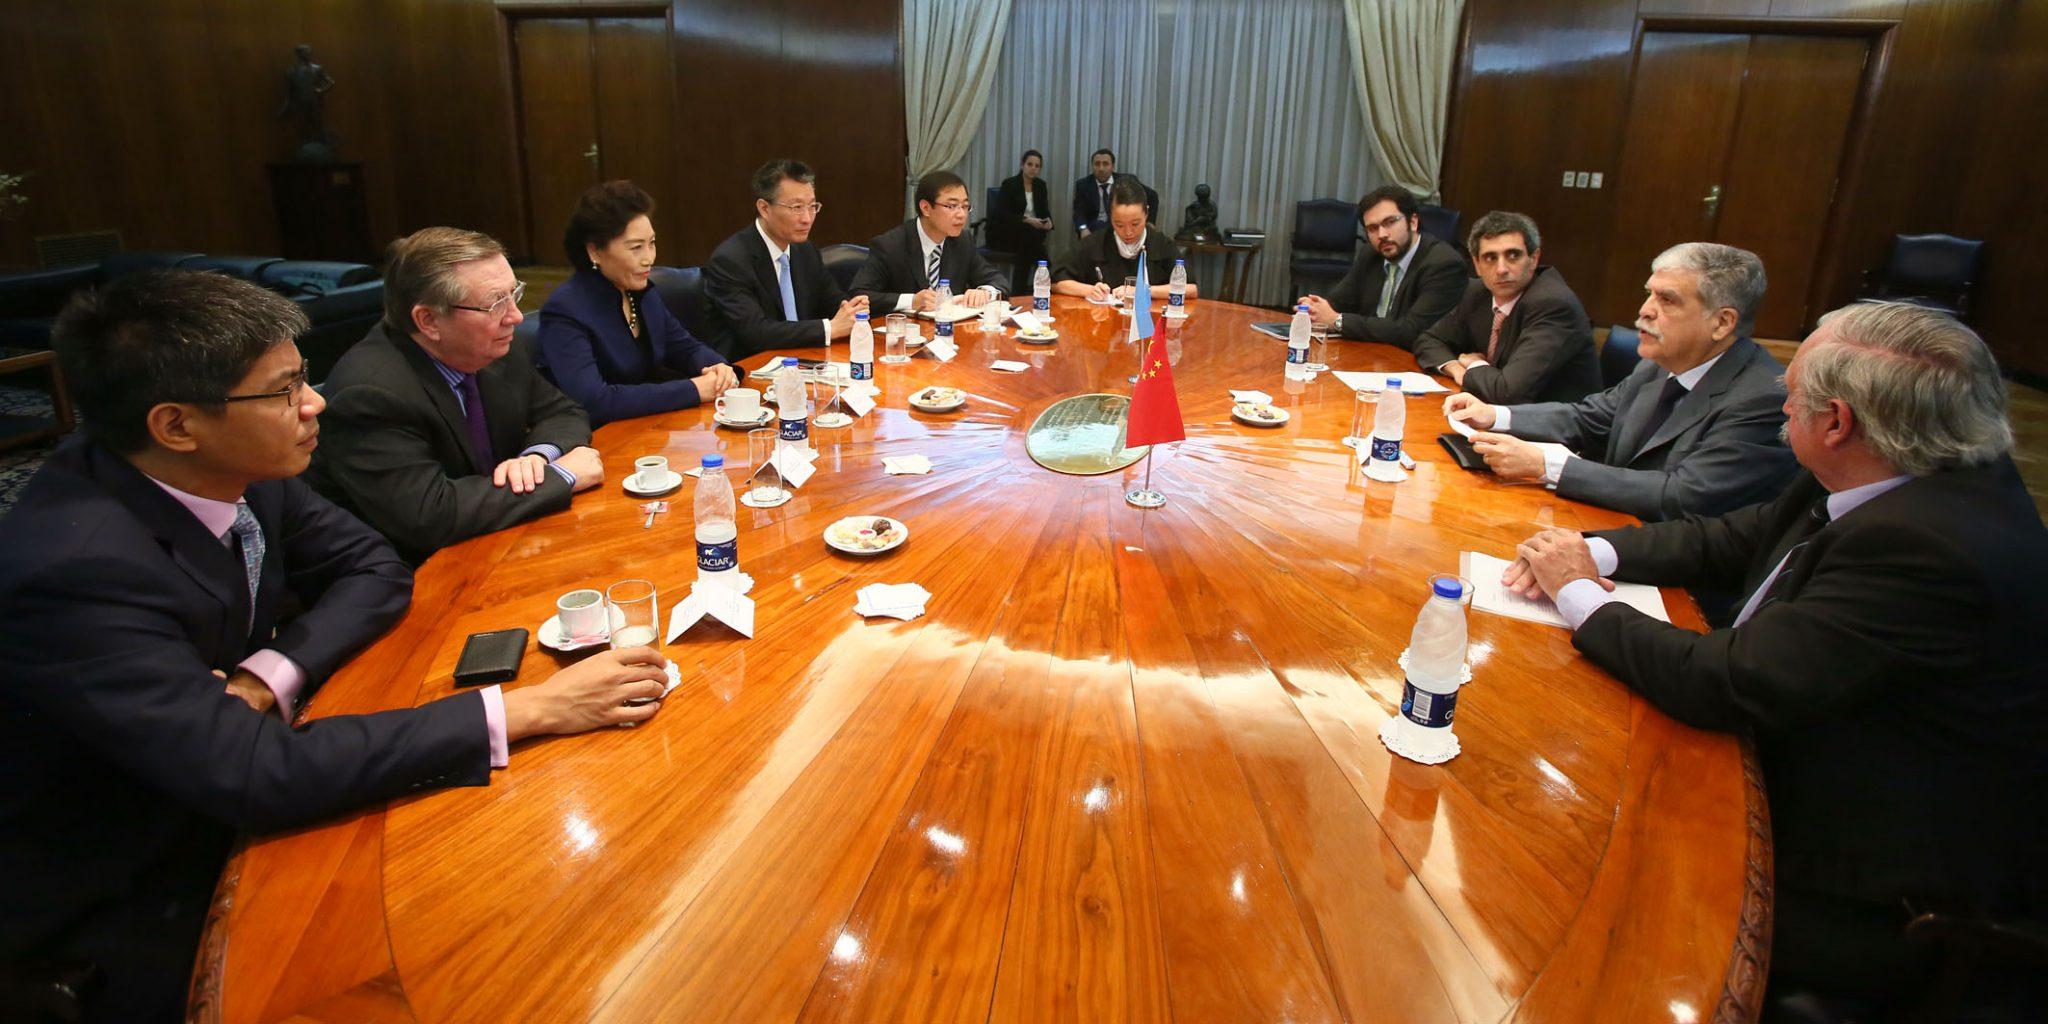 Empresarios de China buscan invertir en un proyecto energético en Argentina